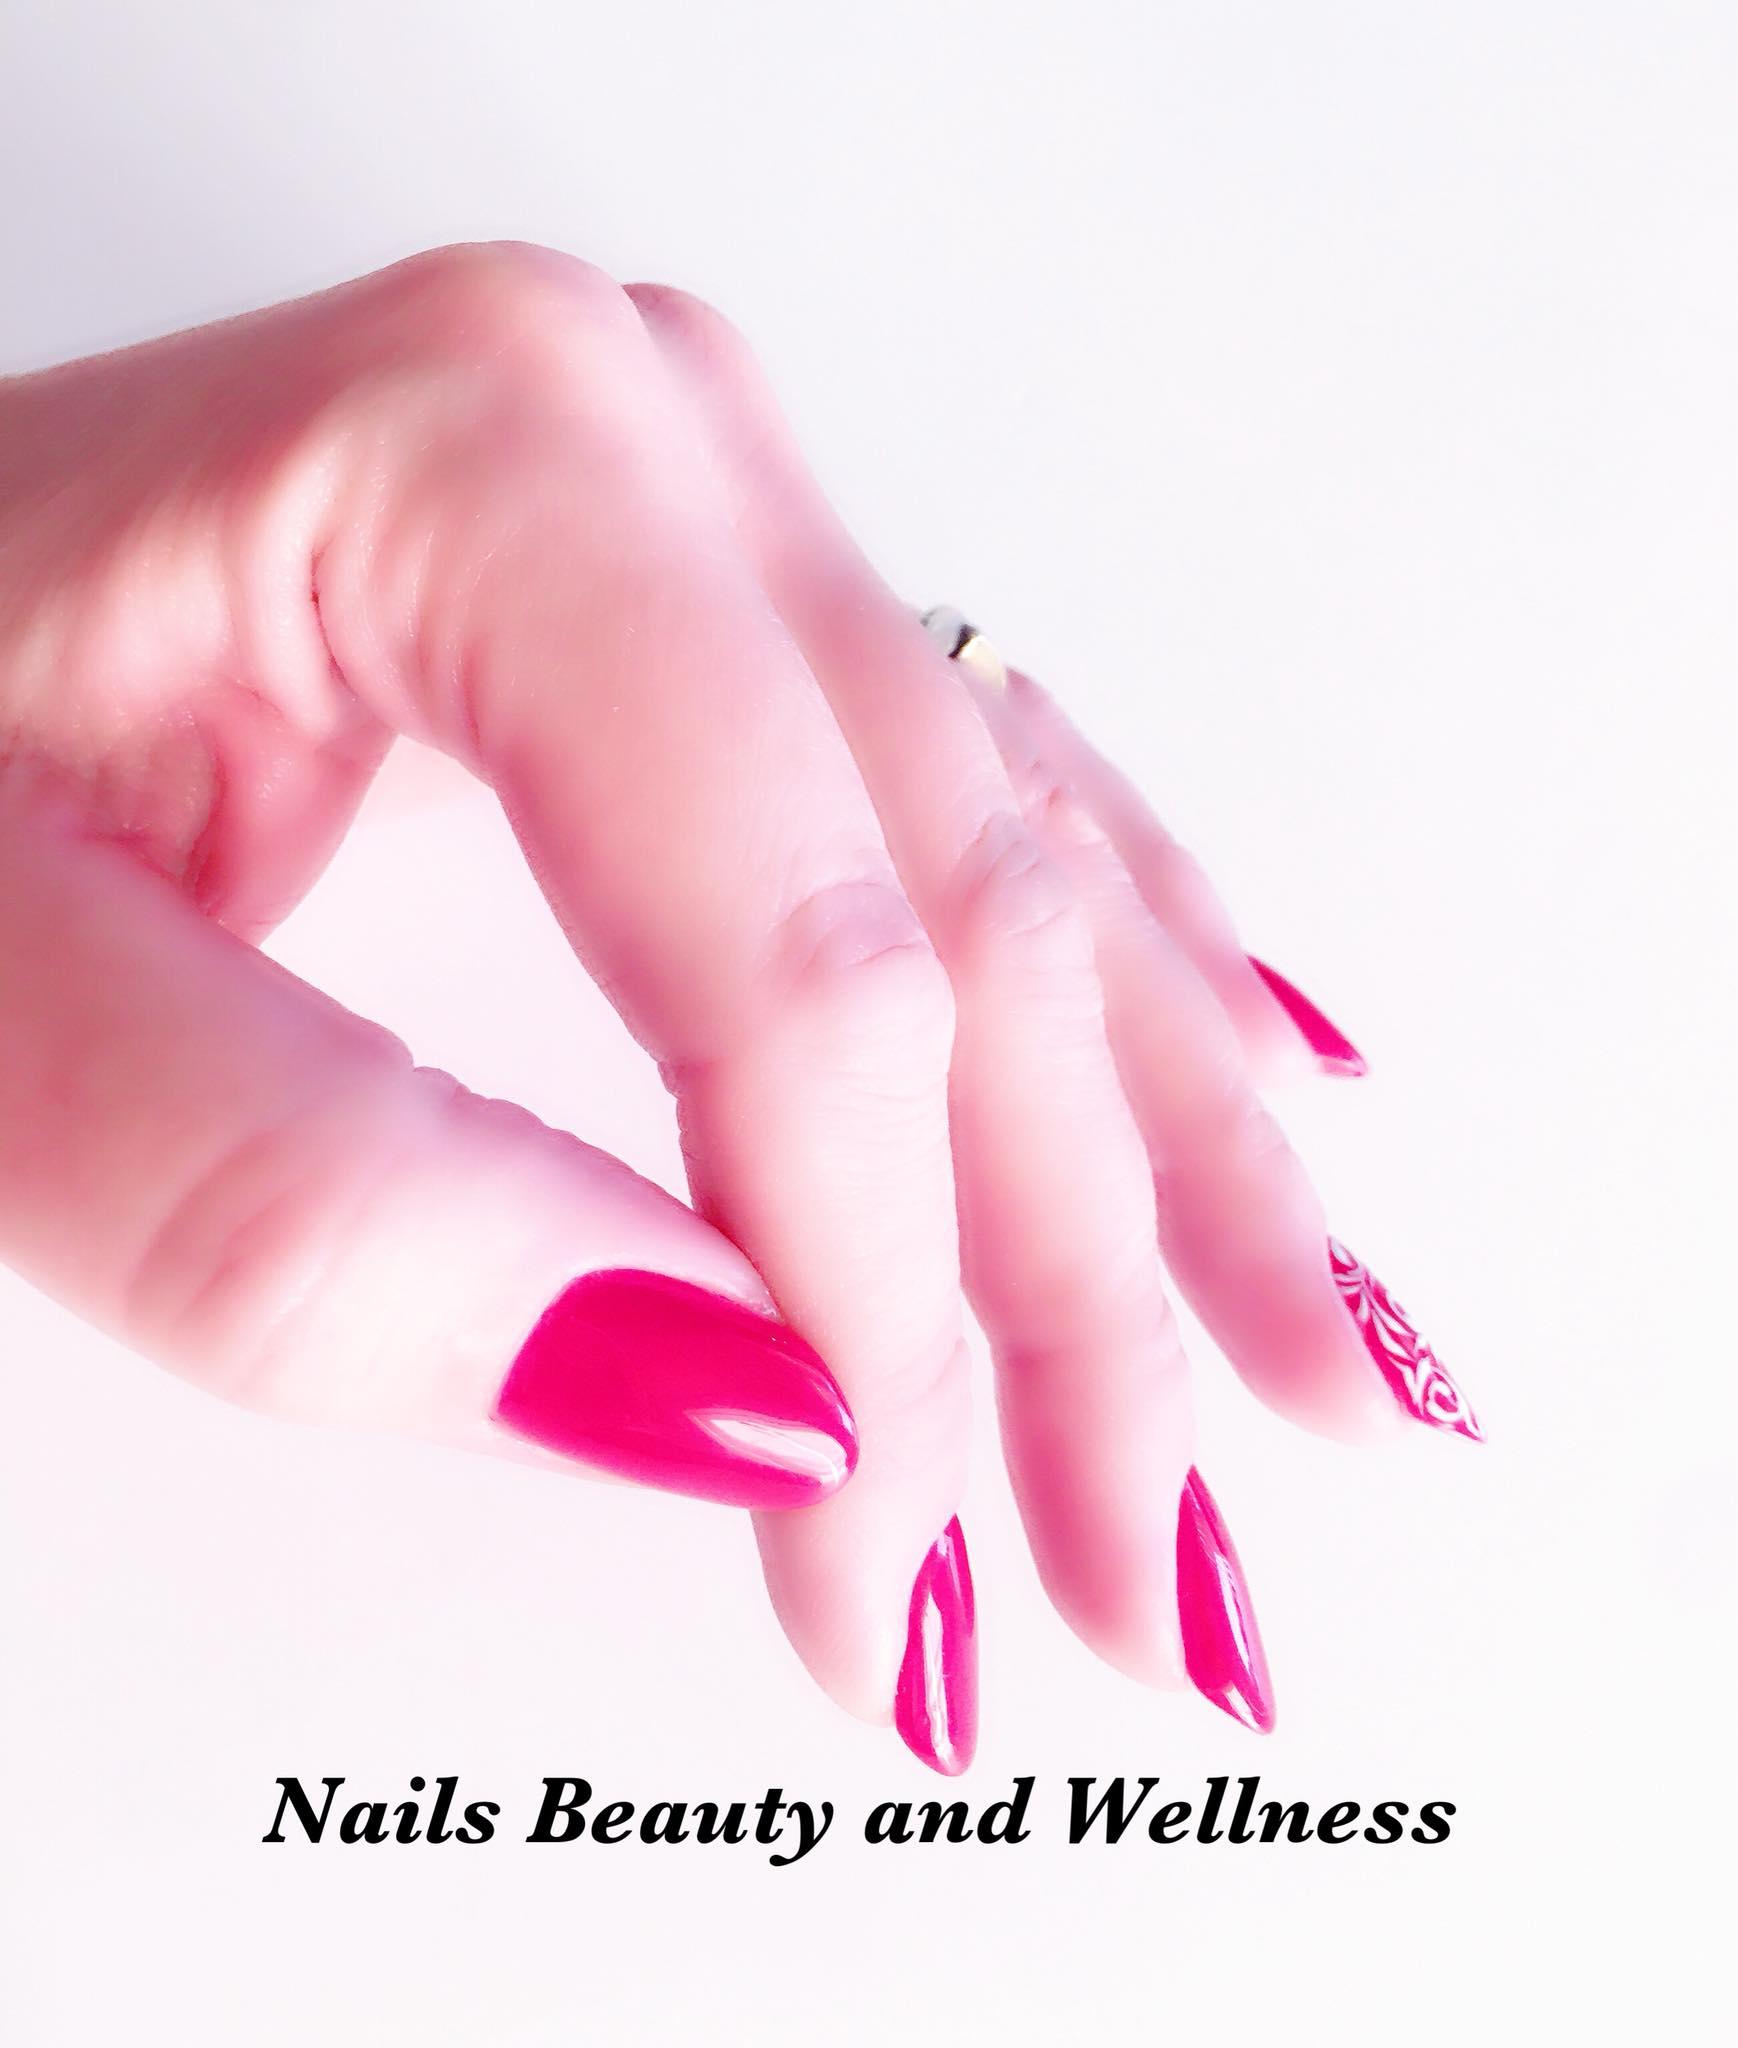 Gel Polish Nails Beauty and Wellness